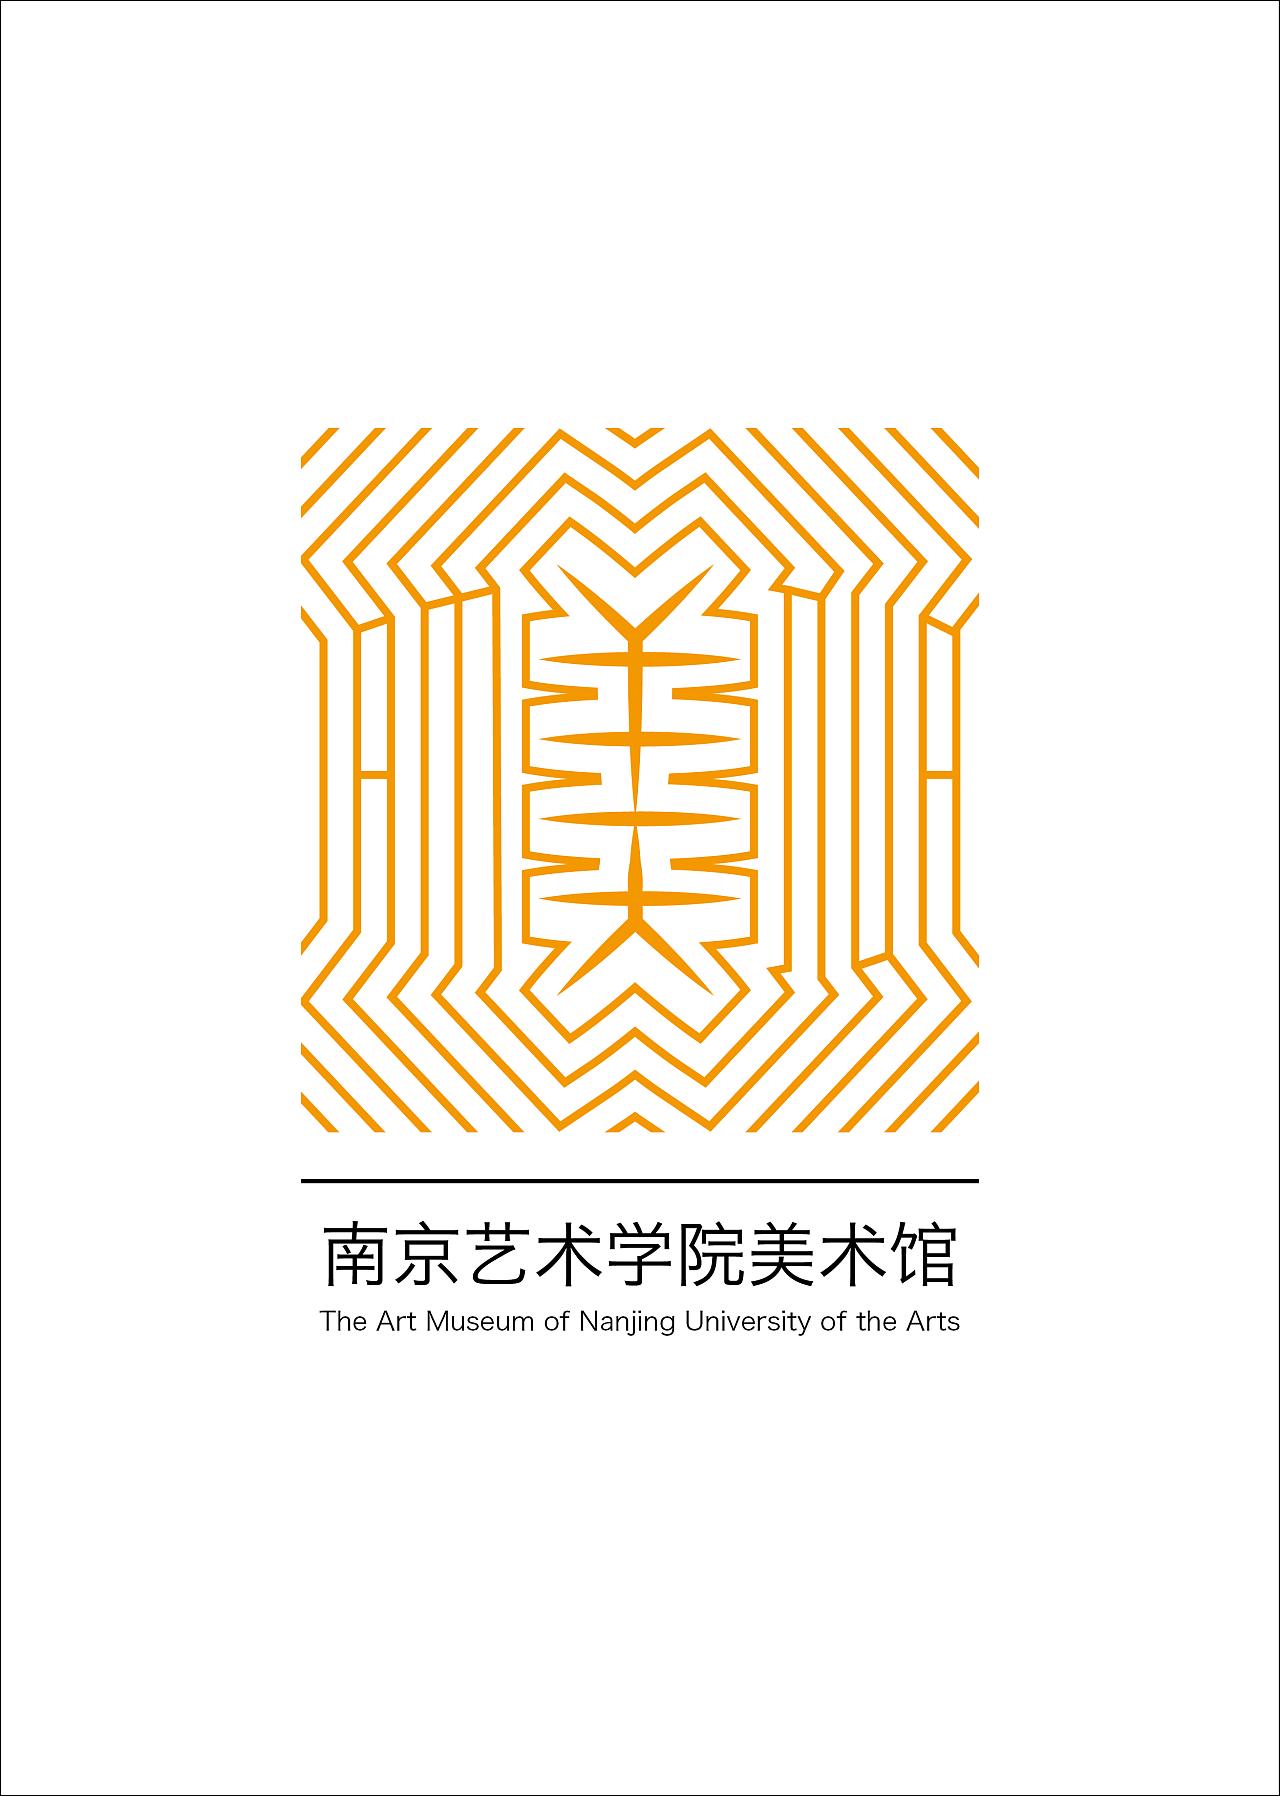 南艺美术馆logo设计图片